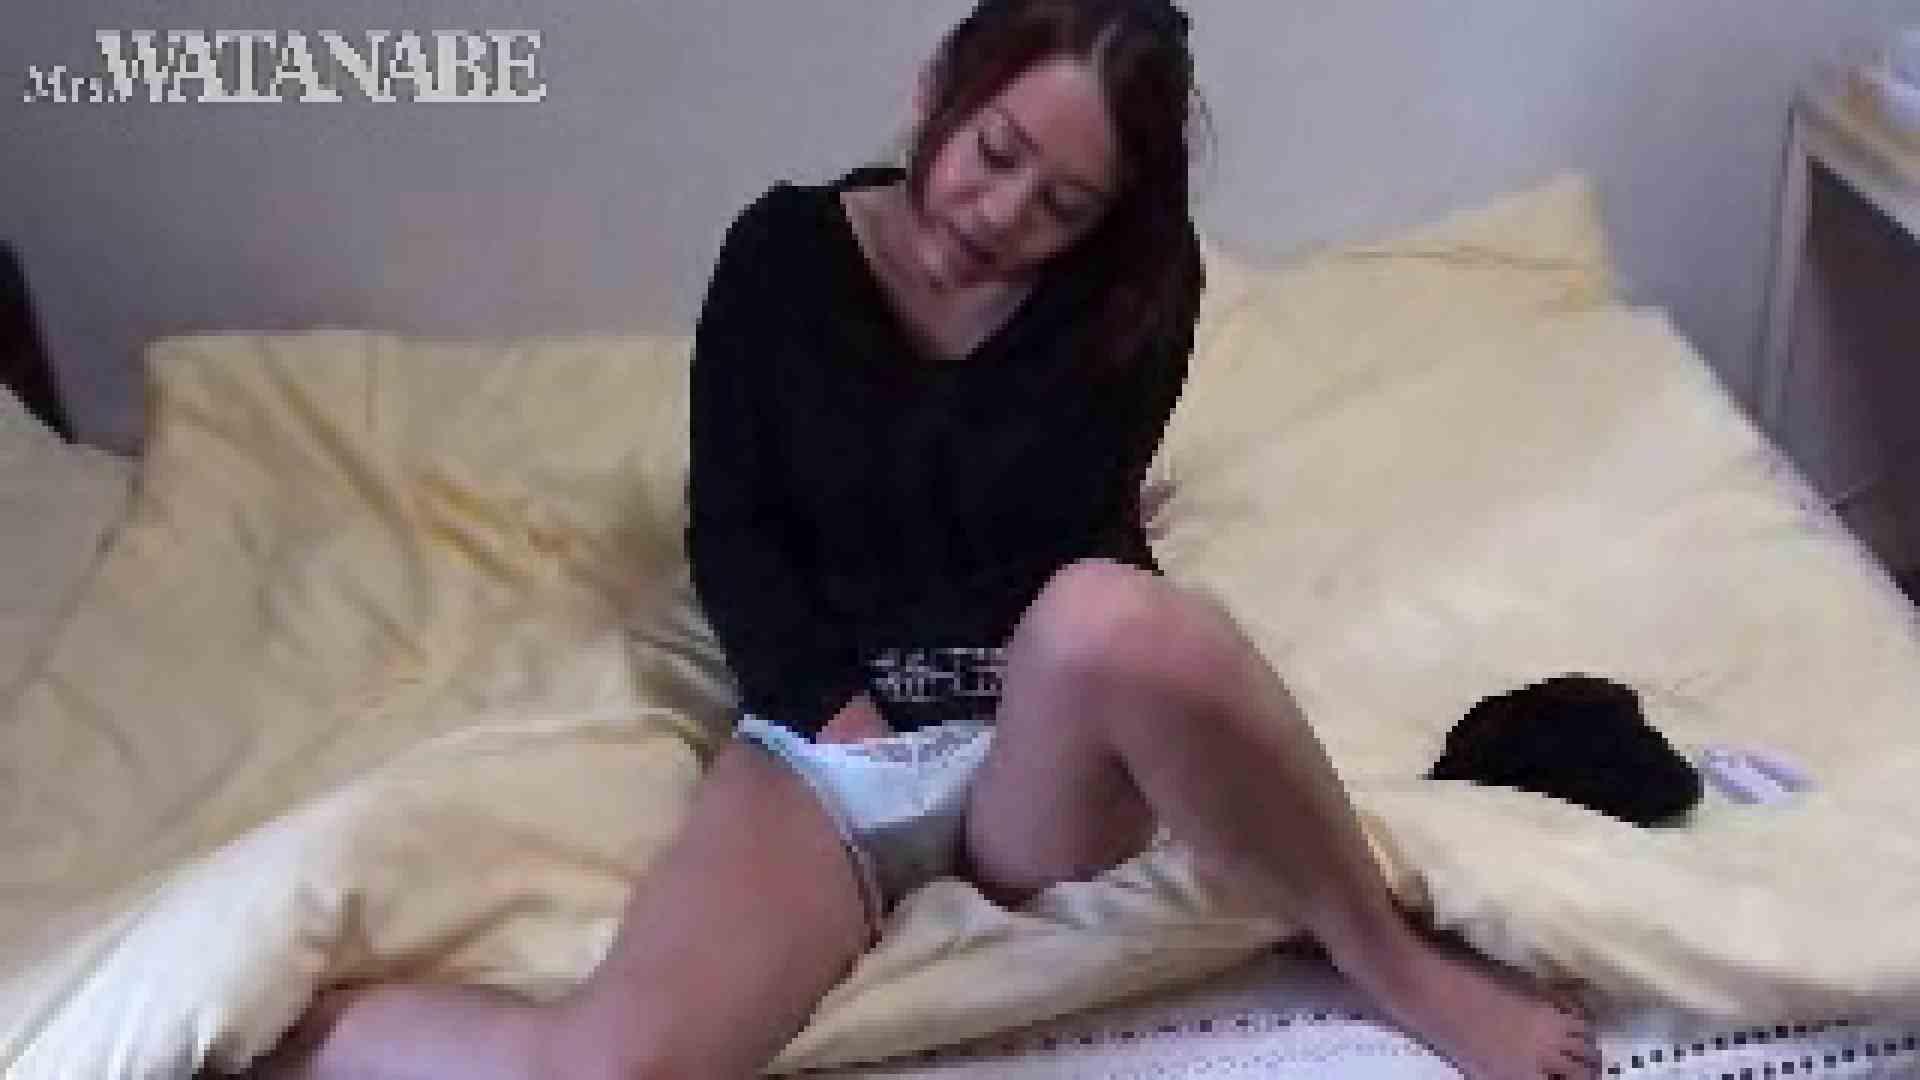 SNSで出会った人妻をハメ撮りしちゃいます 2回目 前編 人妻達のヌード | オナニー特集  65連発 61